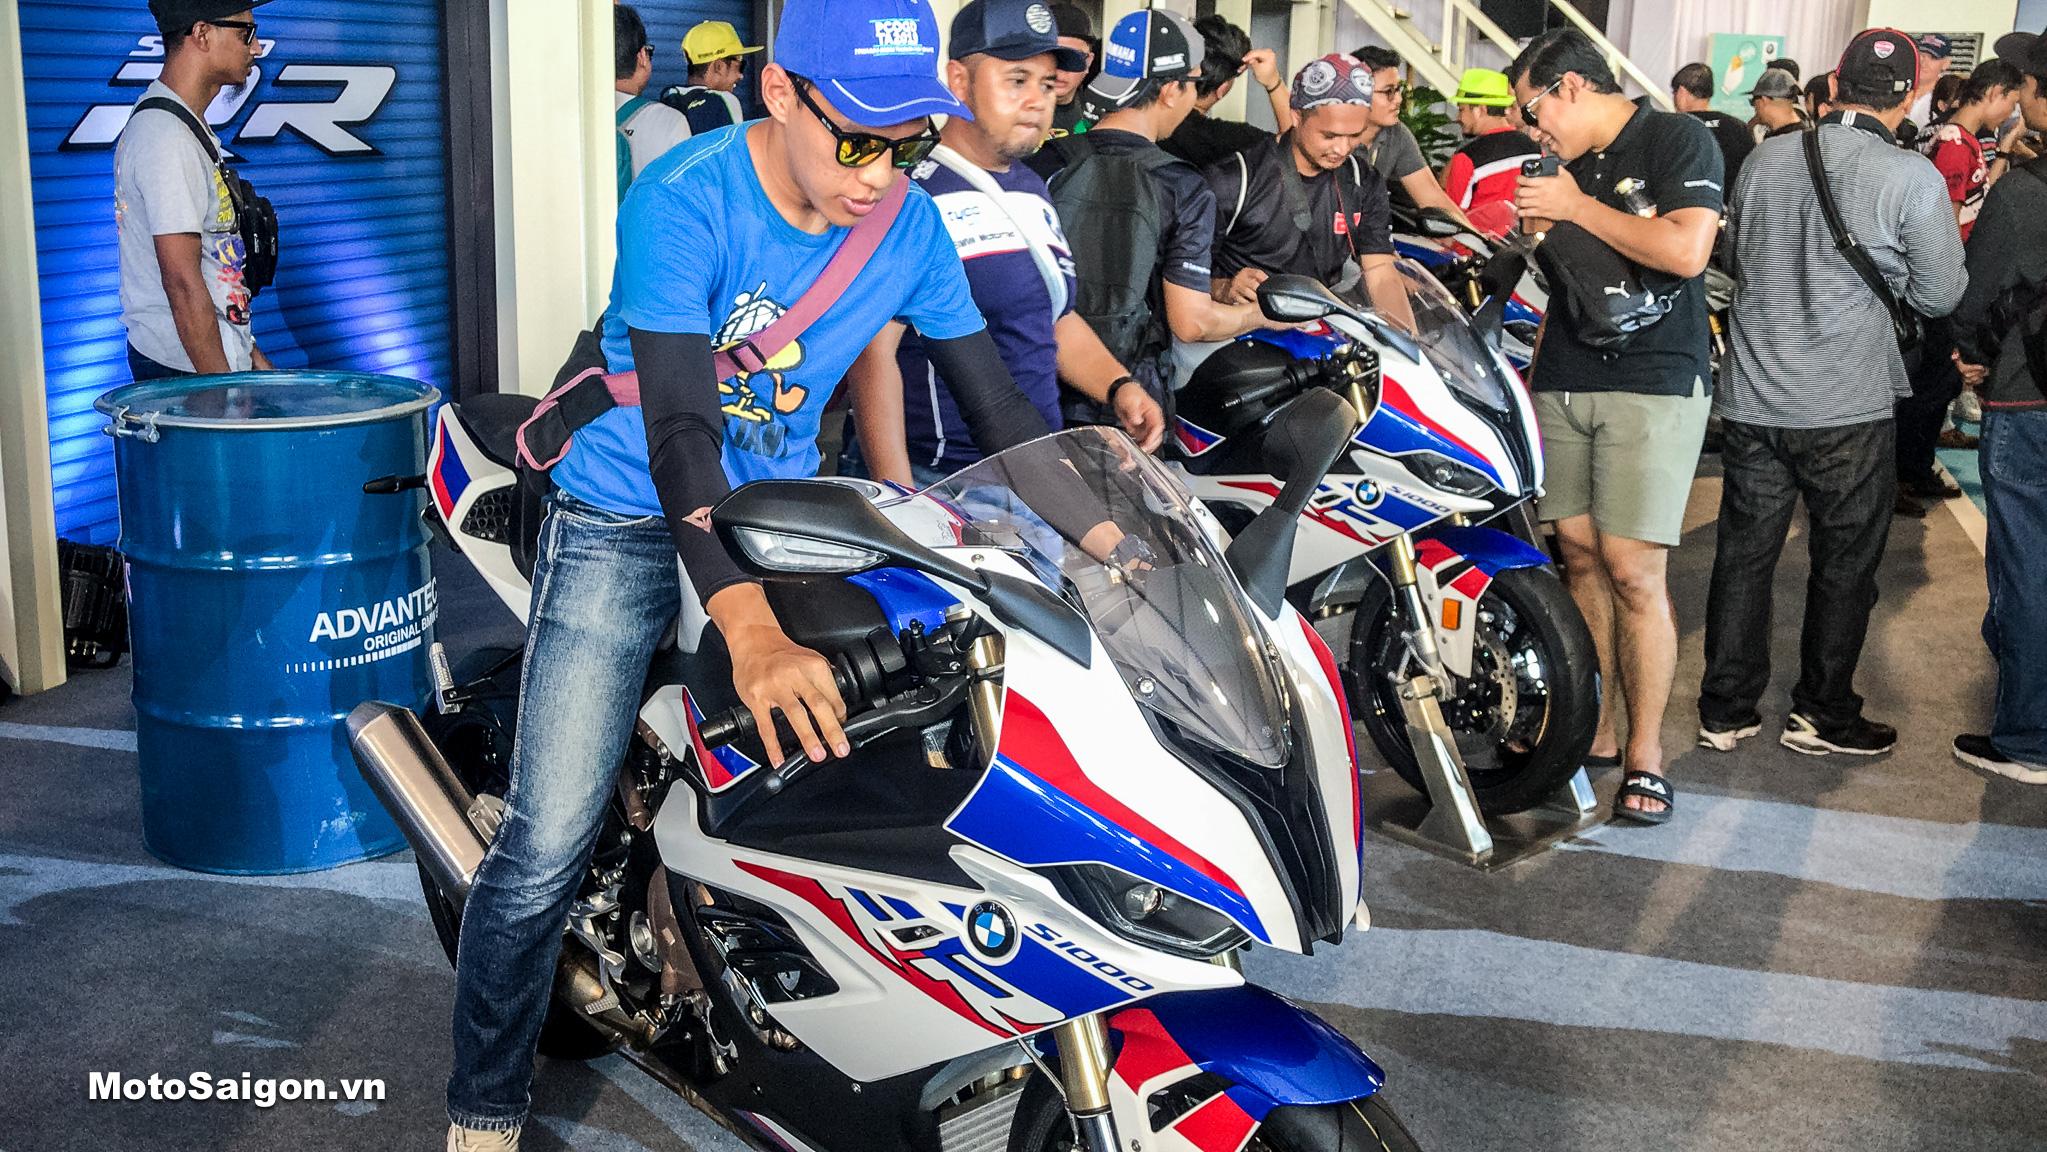 Giá xe BMW S1000RR 2019 mẫu mới đã có tại Thái